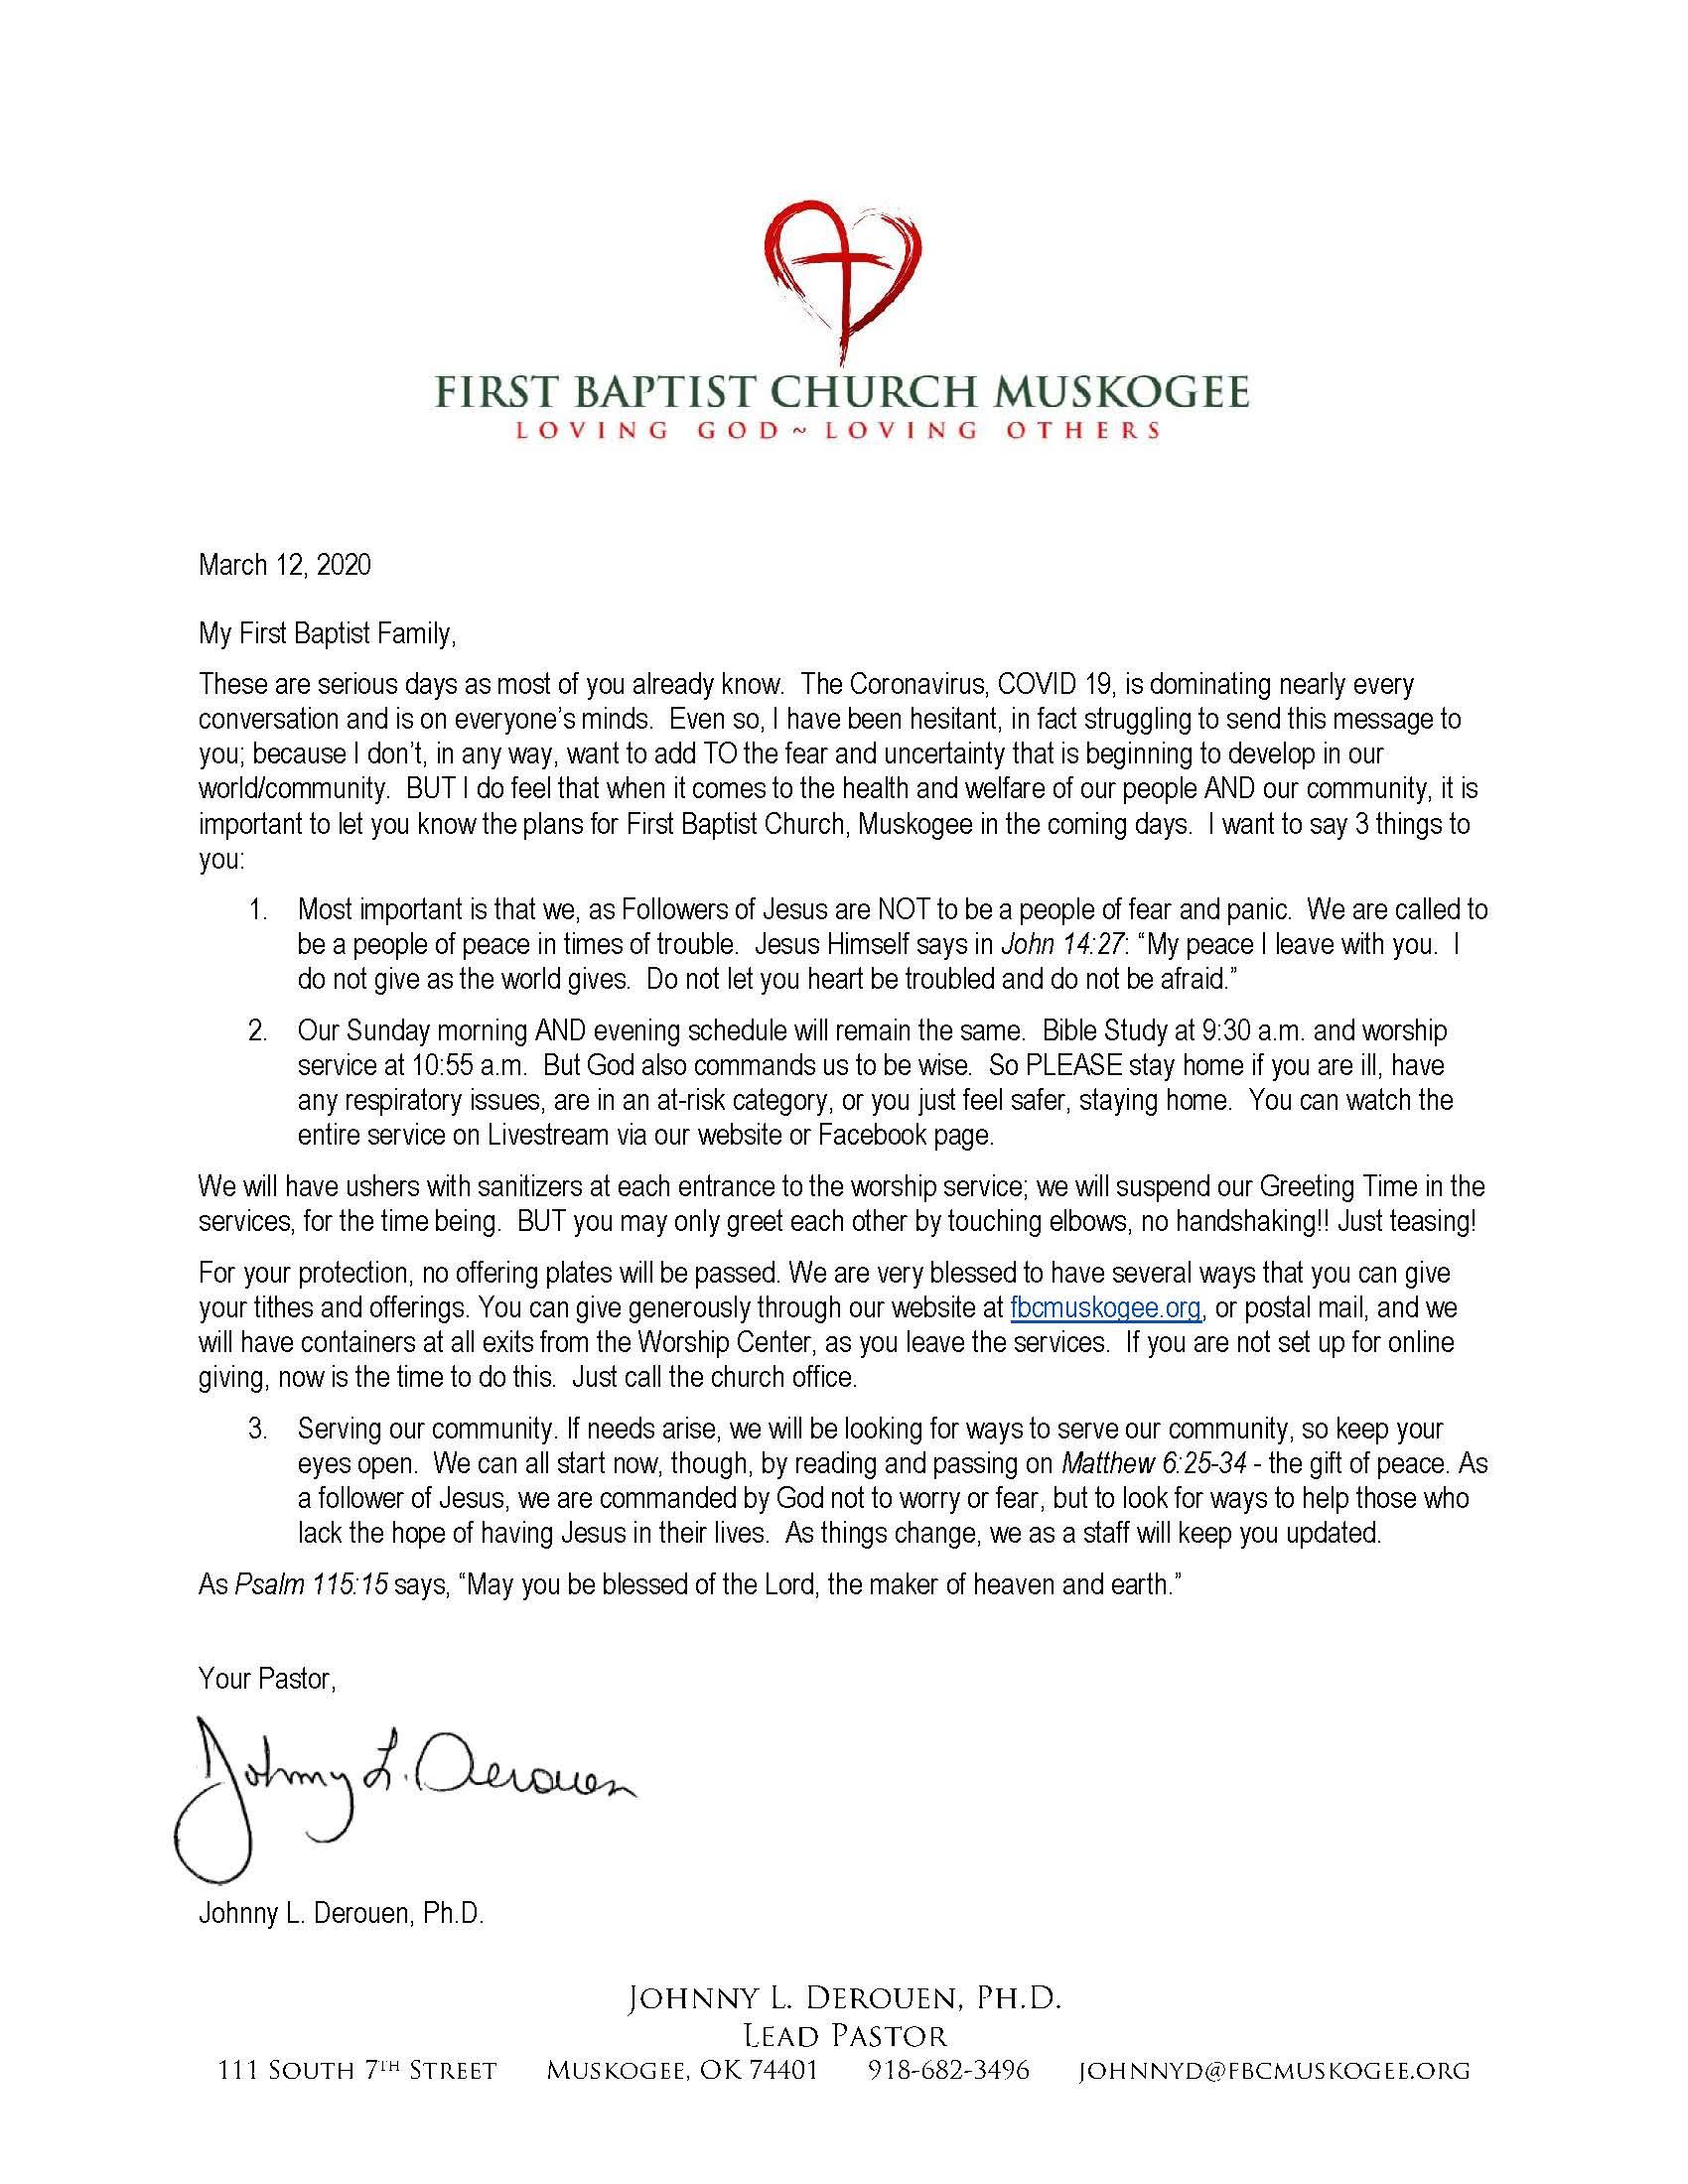 Coronavirus Letter